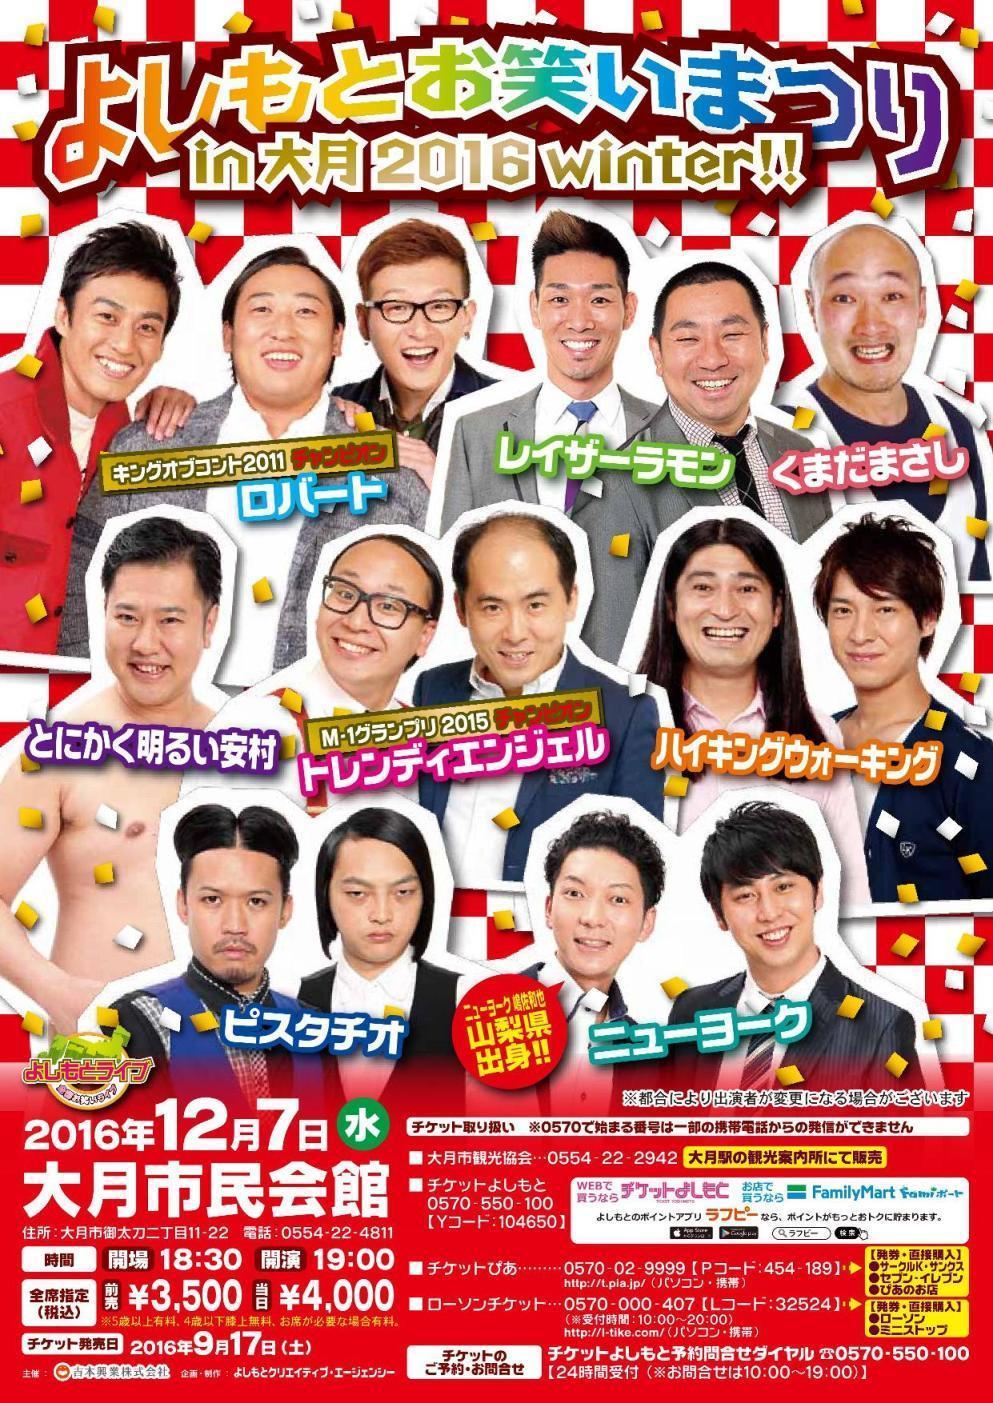 http://www.syumatsu.jp/20160907175531-4d8aded6abff829d30ee3e3b6cc9b49ff783dc7e.jpg